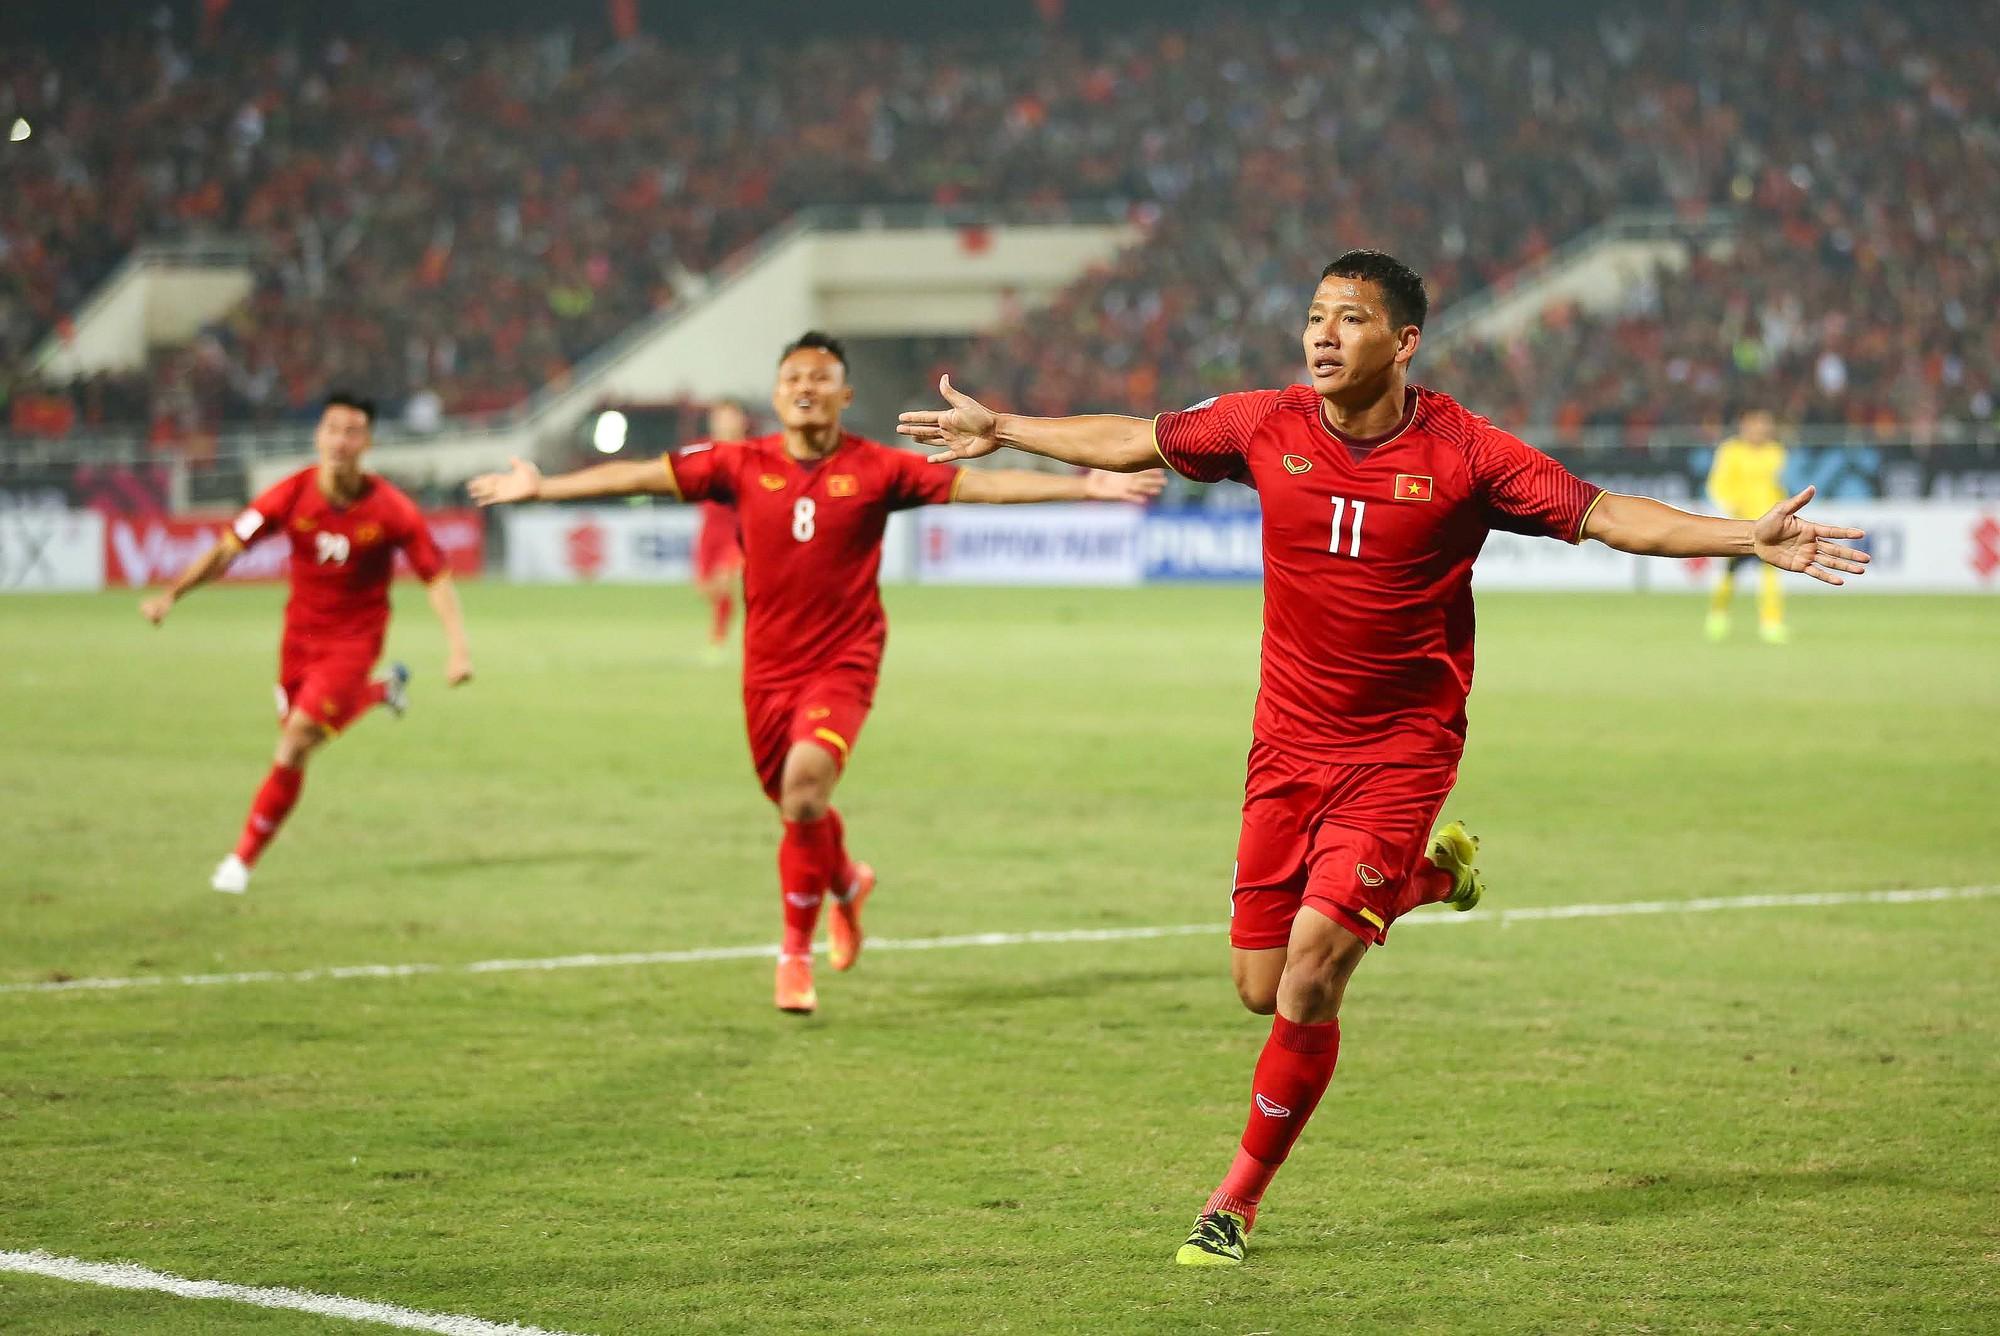 Thể thao Việt Nam 2018: Một năm nhiều dấu ấn mạnh mẽ - Ảnh 2.